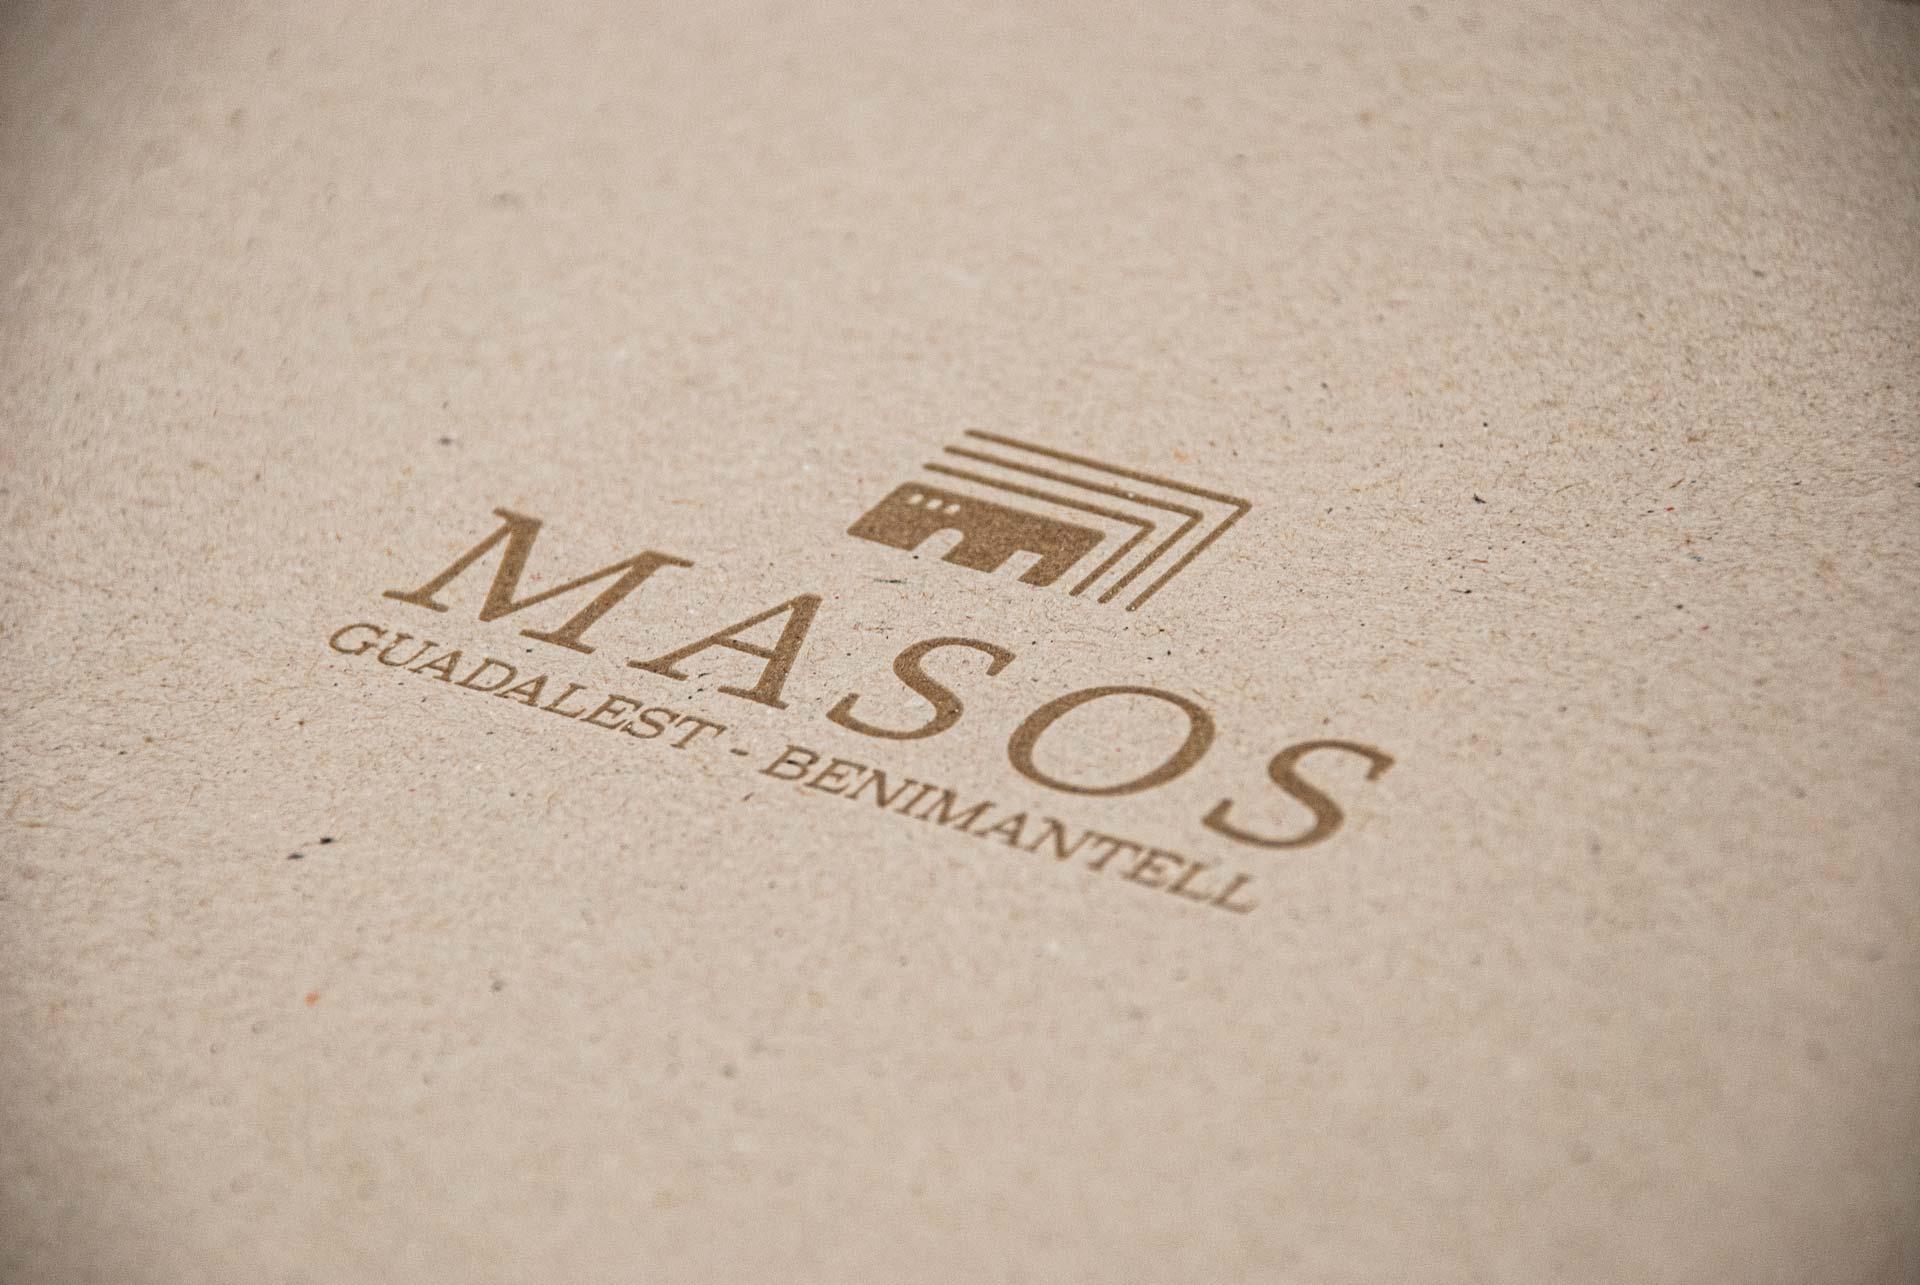 giset design masos logo en la portada del libro